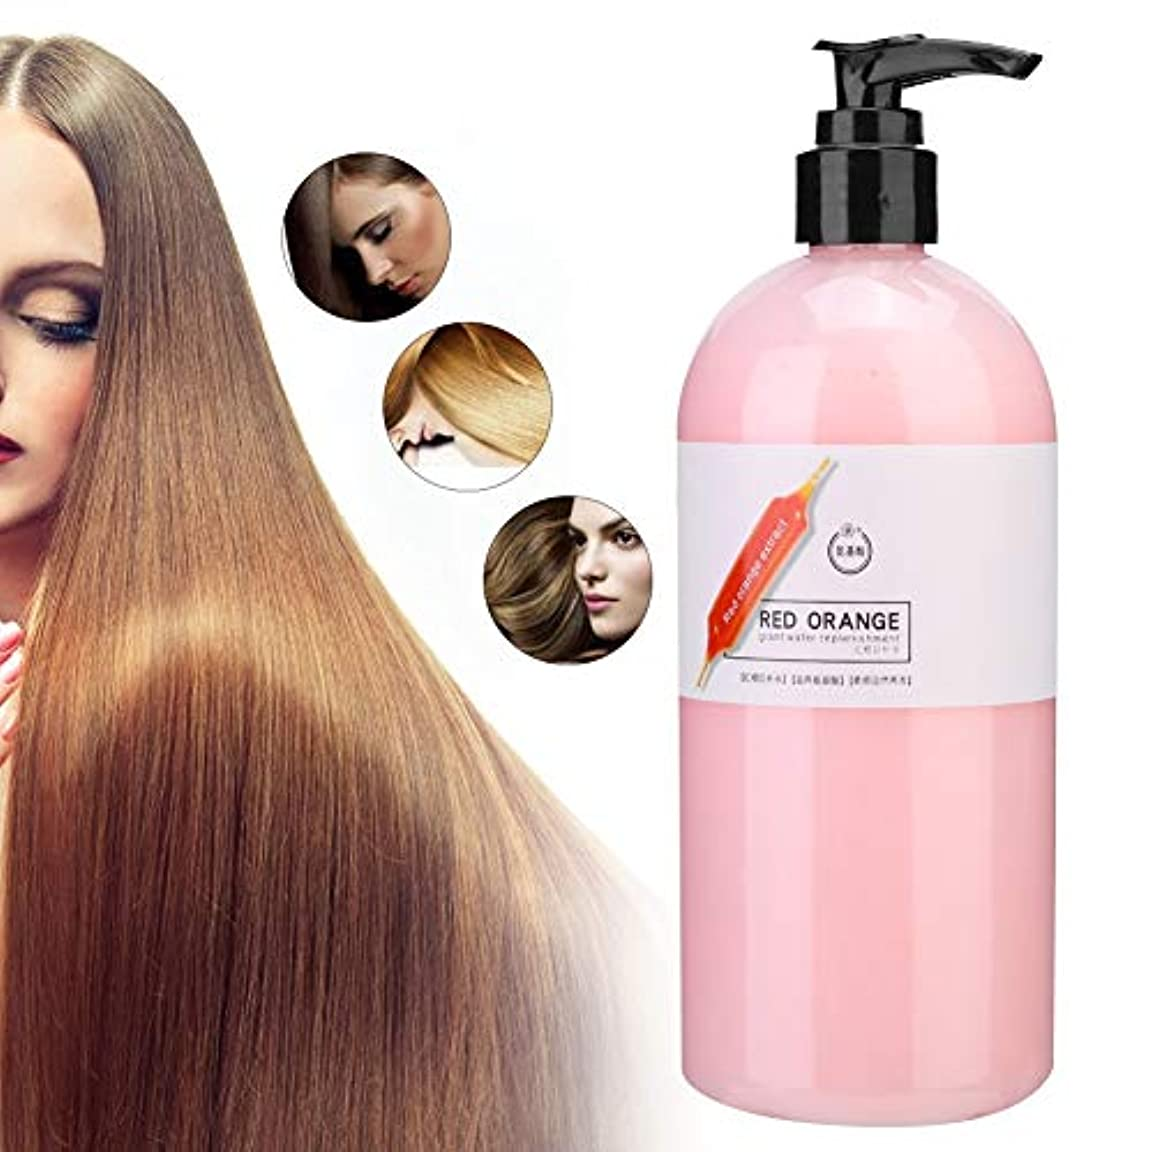 通訳がっかりした居心地の良いナリッシングリペアシャンプー、500 ml保湿オイルコントロールふけ防止シャンプー 栄養 修理 ふけ防止 保湿シャンプー すべての髪のタイプに適し